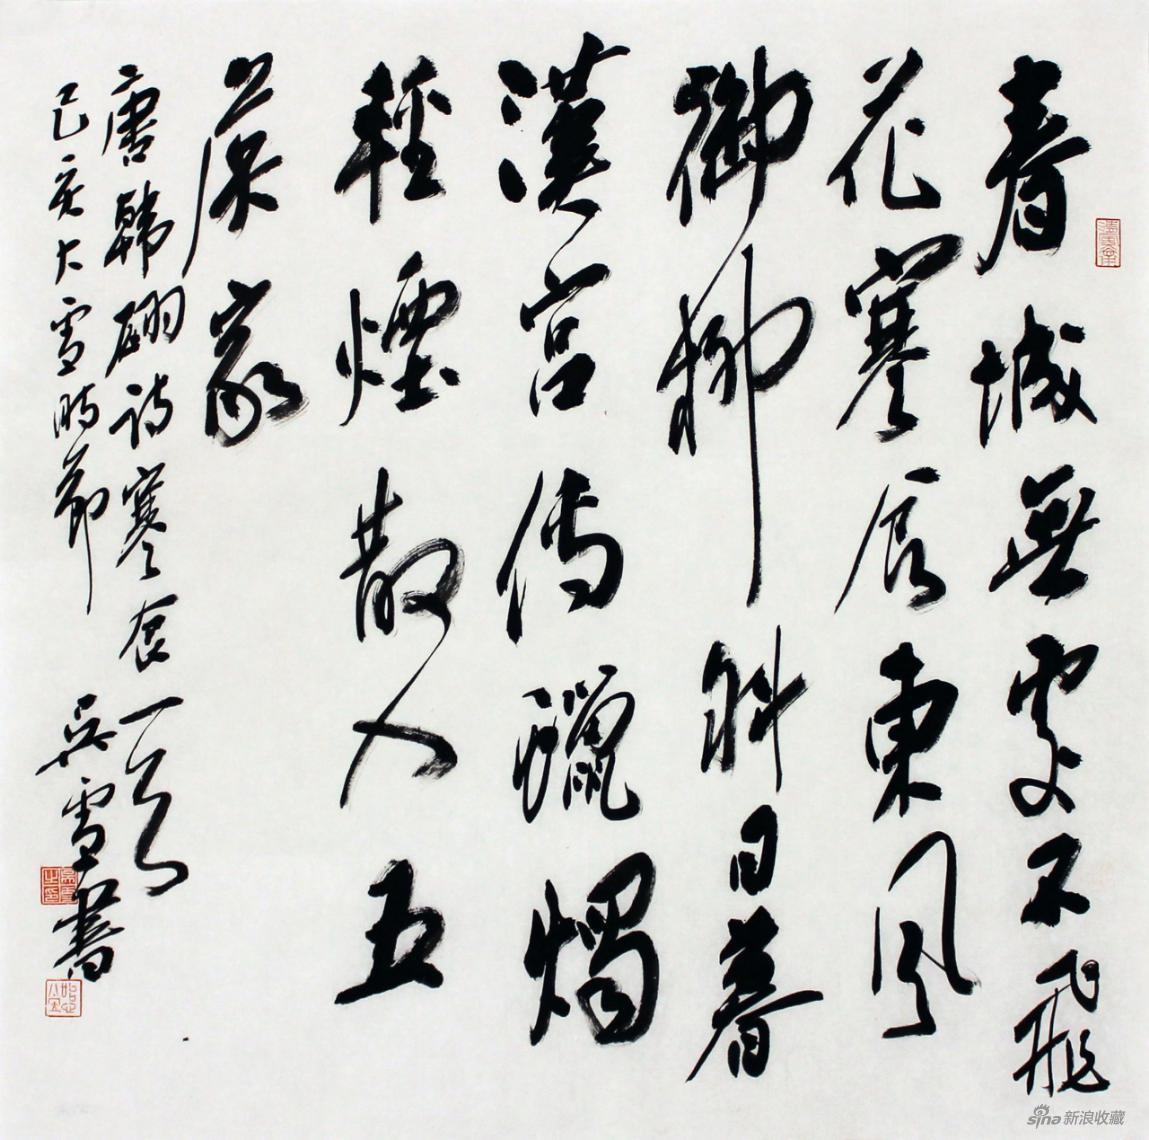 作品名称:《寒食》春城无处不飞花 作者:吴雪尺寸:68cm×68cm